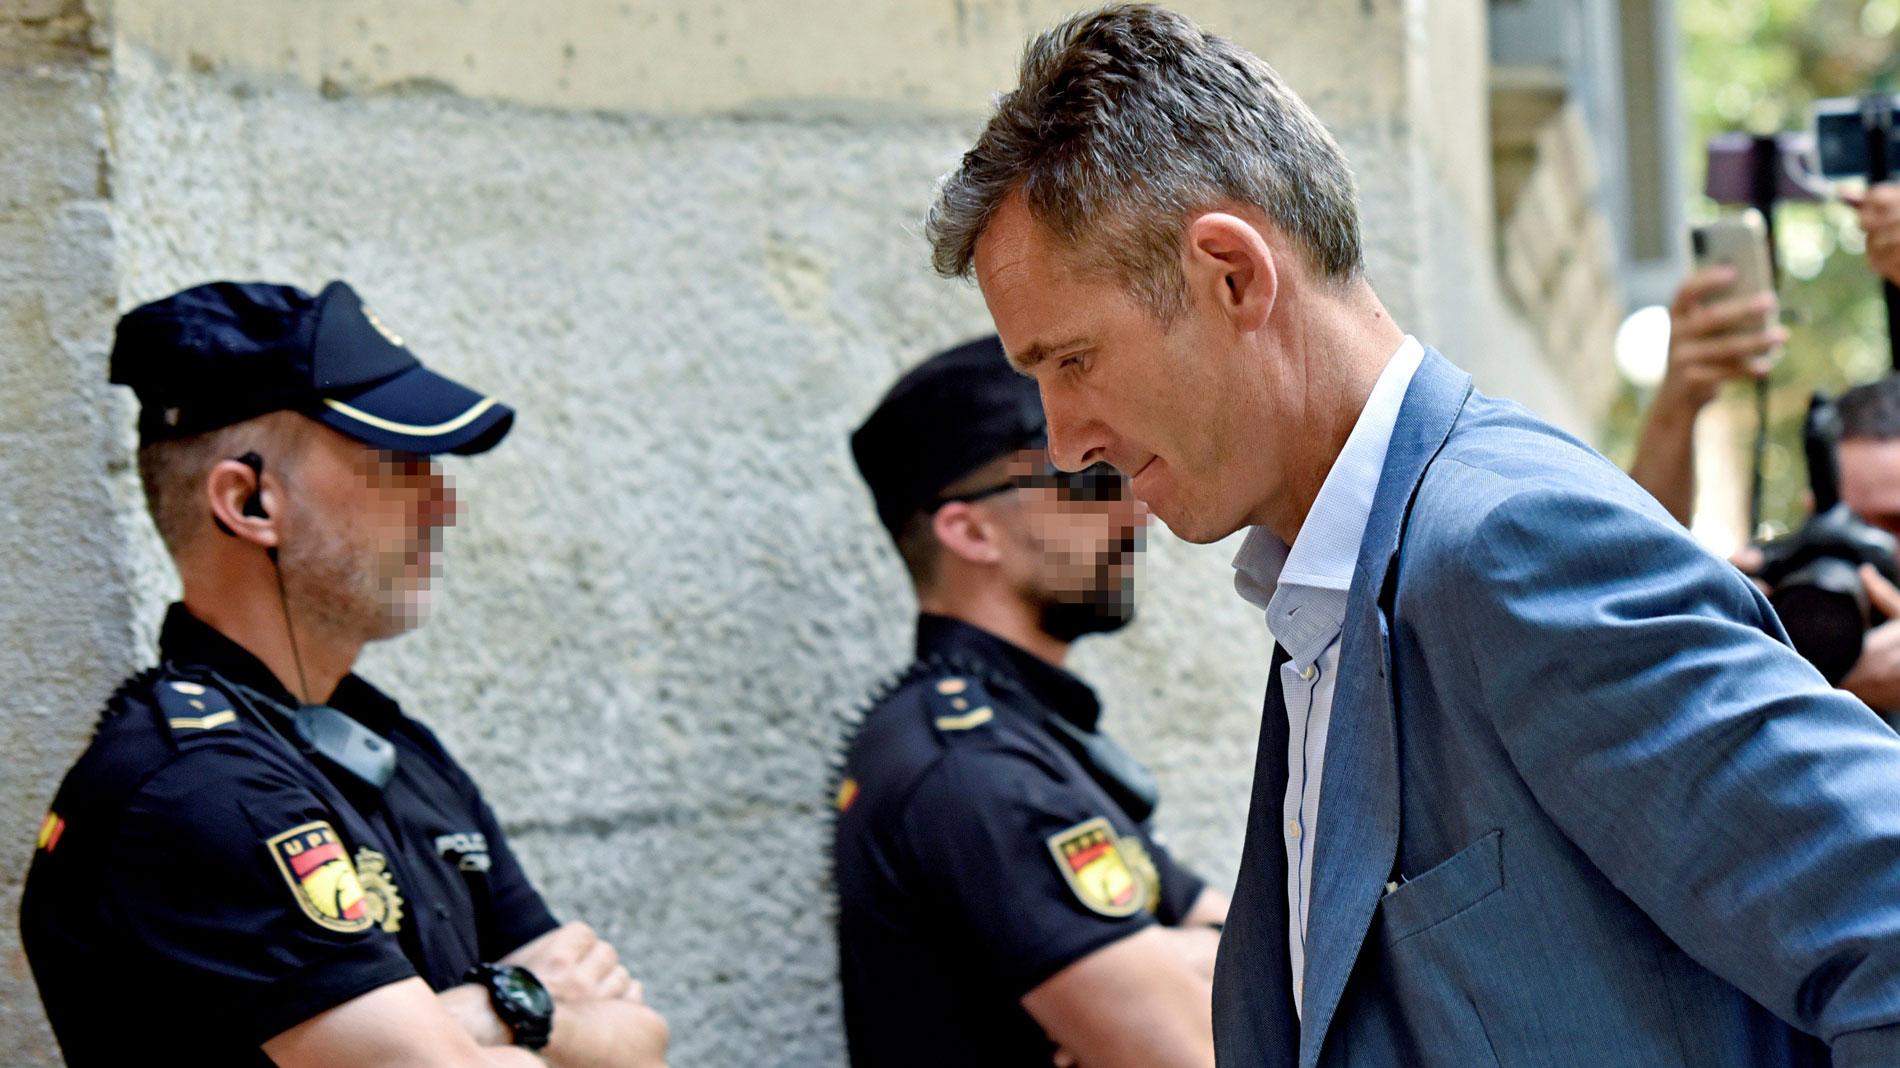 Urdagarin ya está en España, a pocas horas de que acabe el plazo para su entrada en prisión